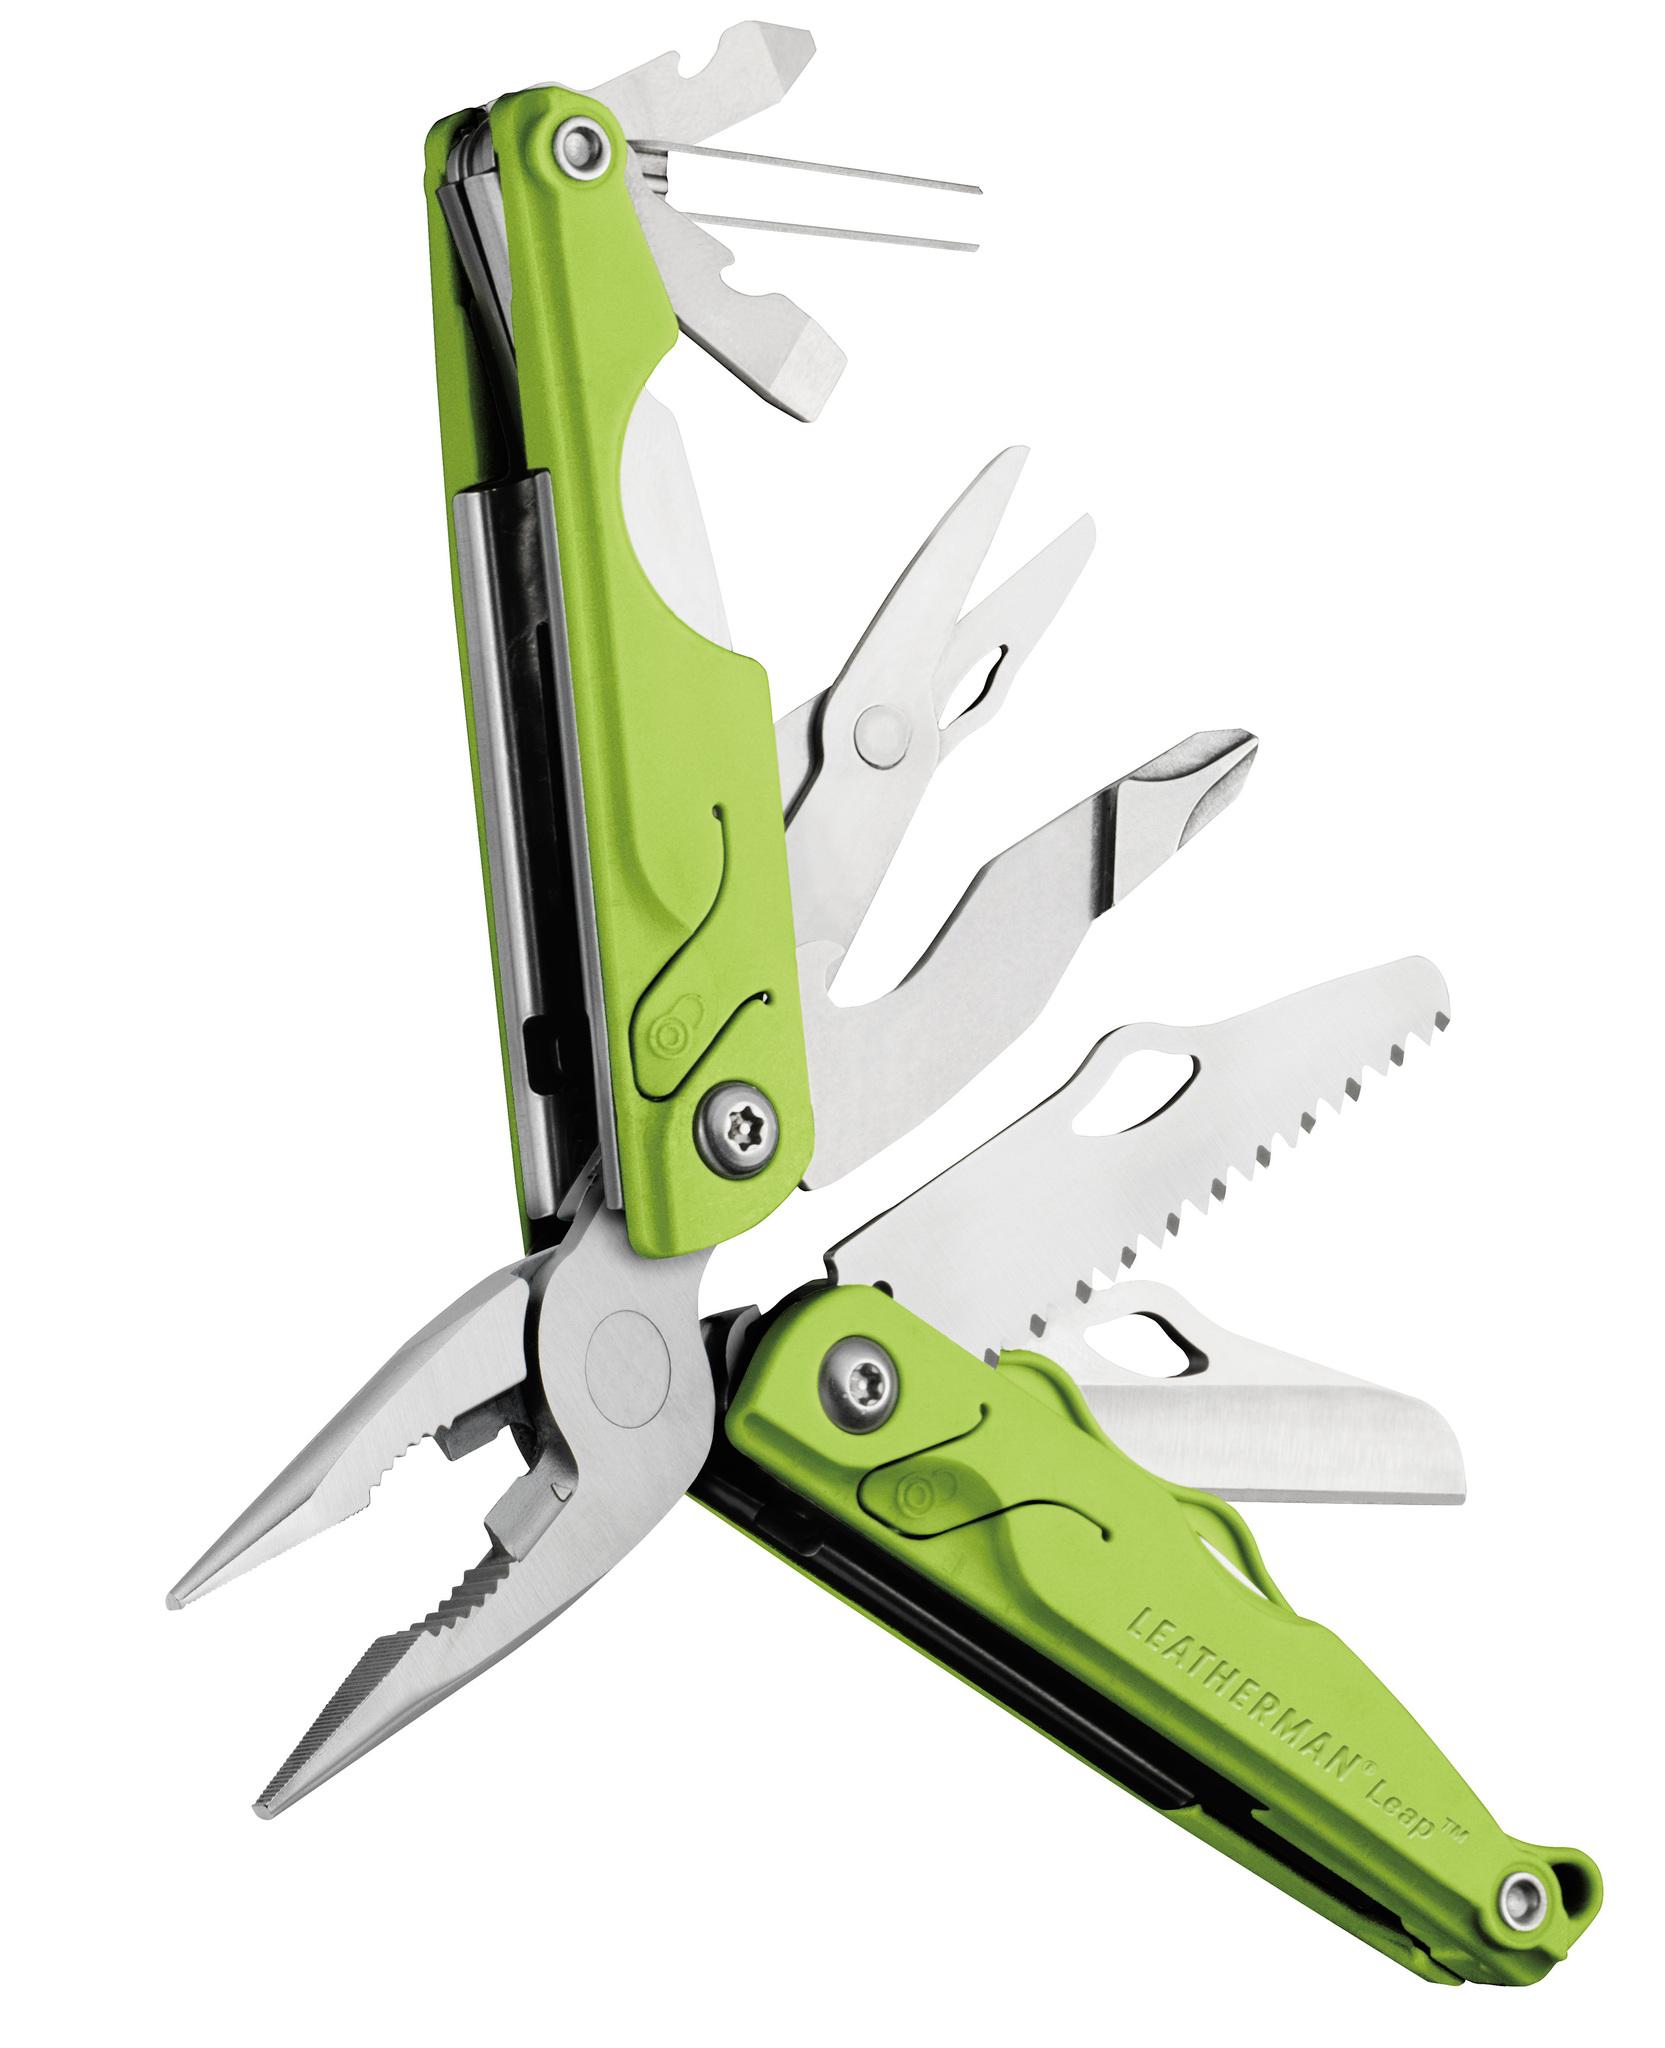 Мультитул Leatherman Leap, 12 функций, зеленый